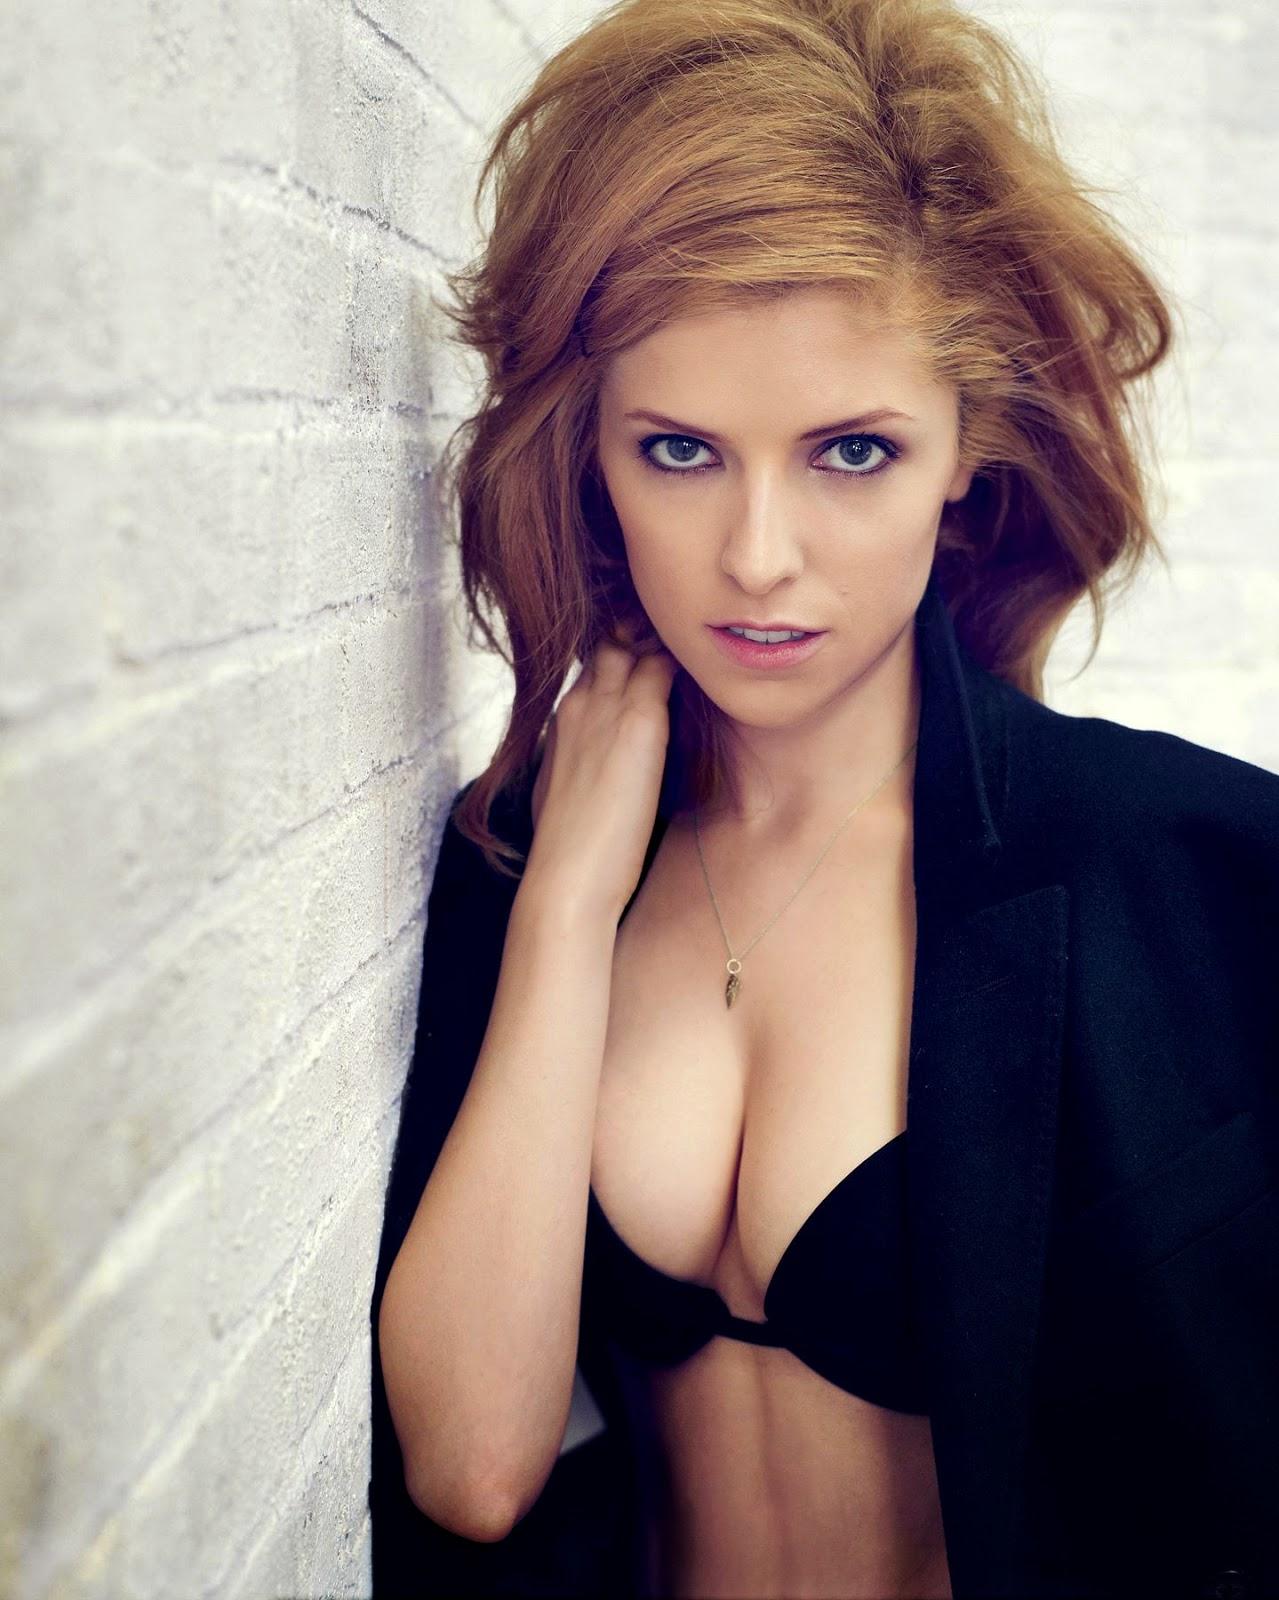 صور مسربة لـ الممثلة الأمريكية آنا كندريك 2